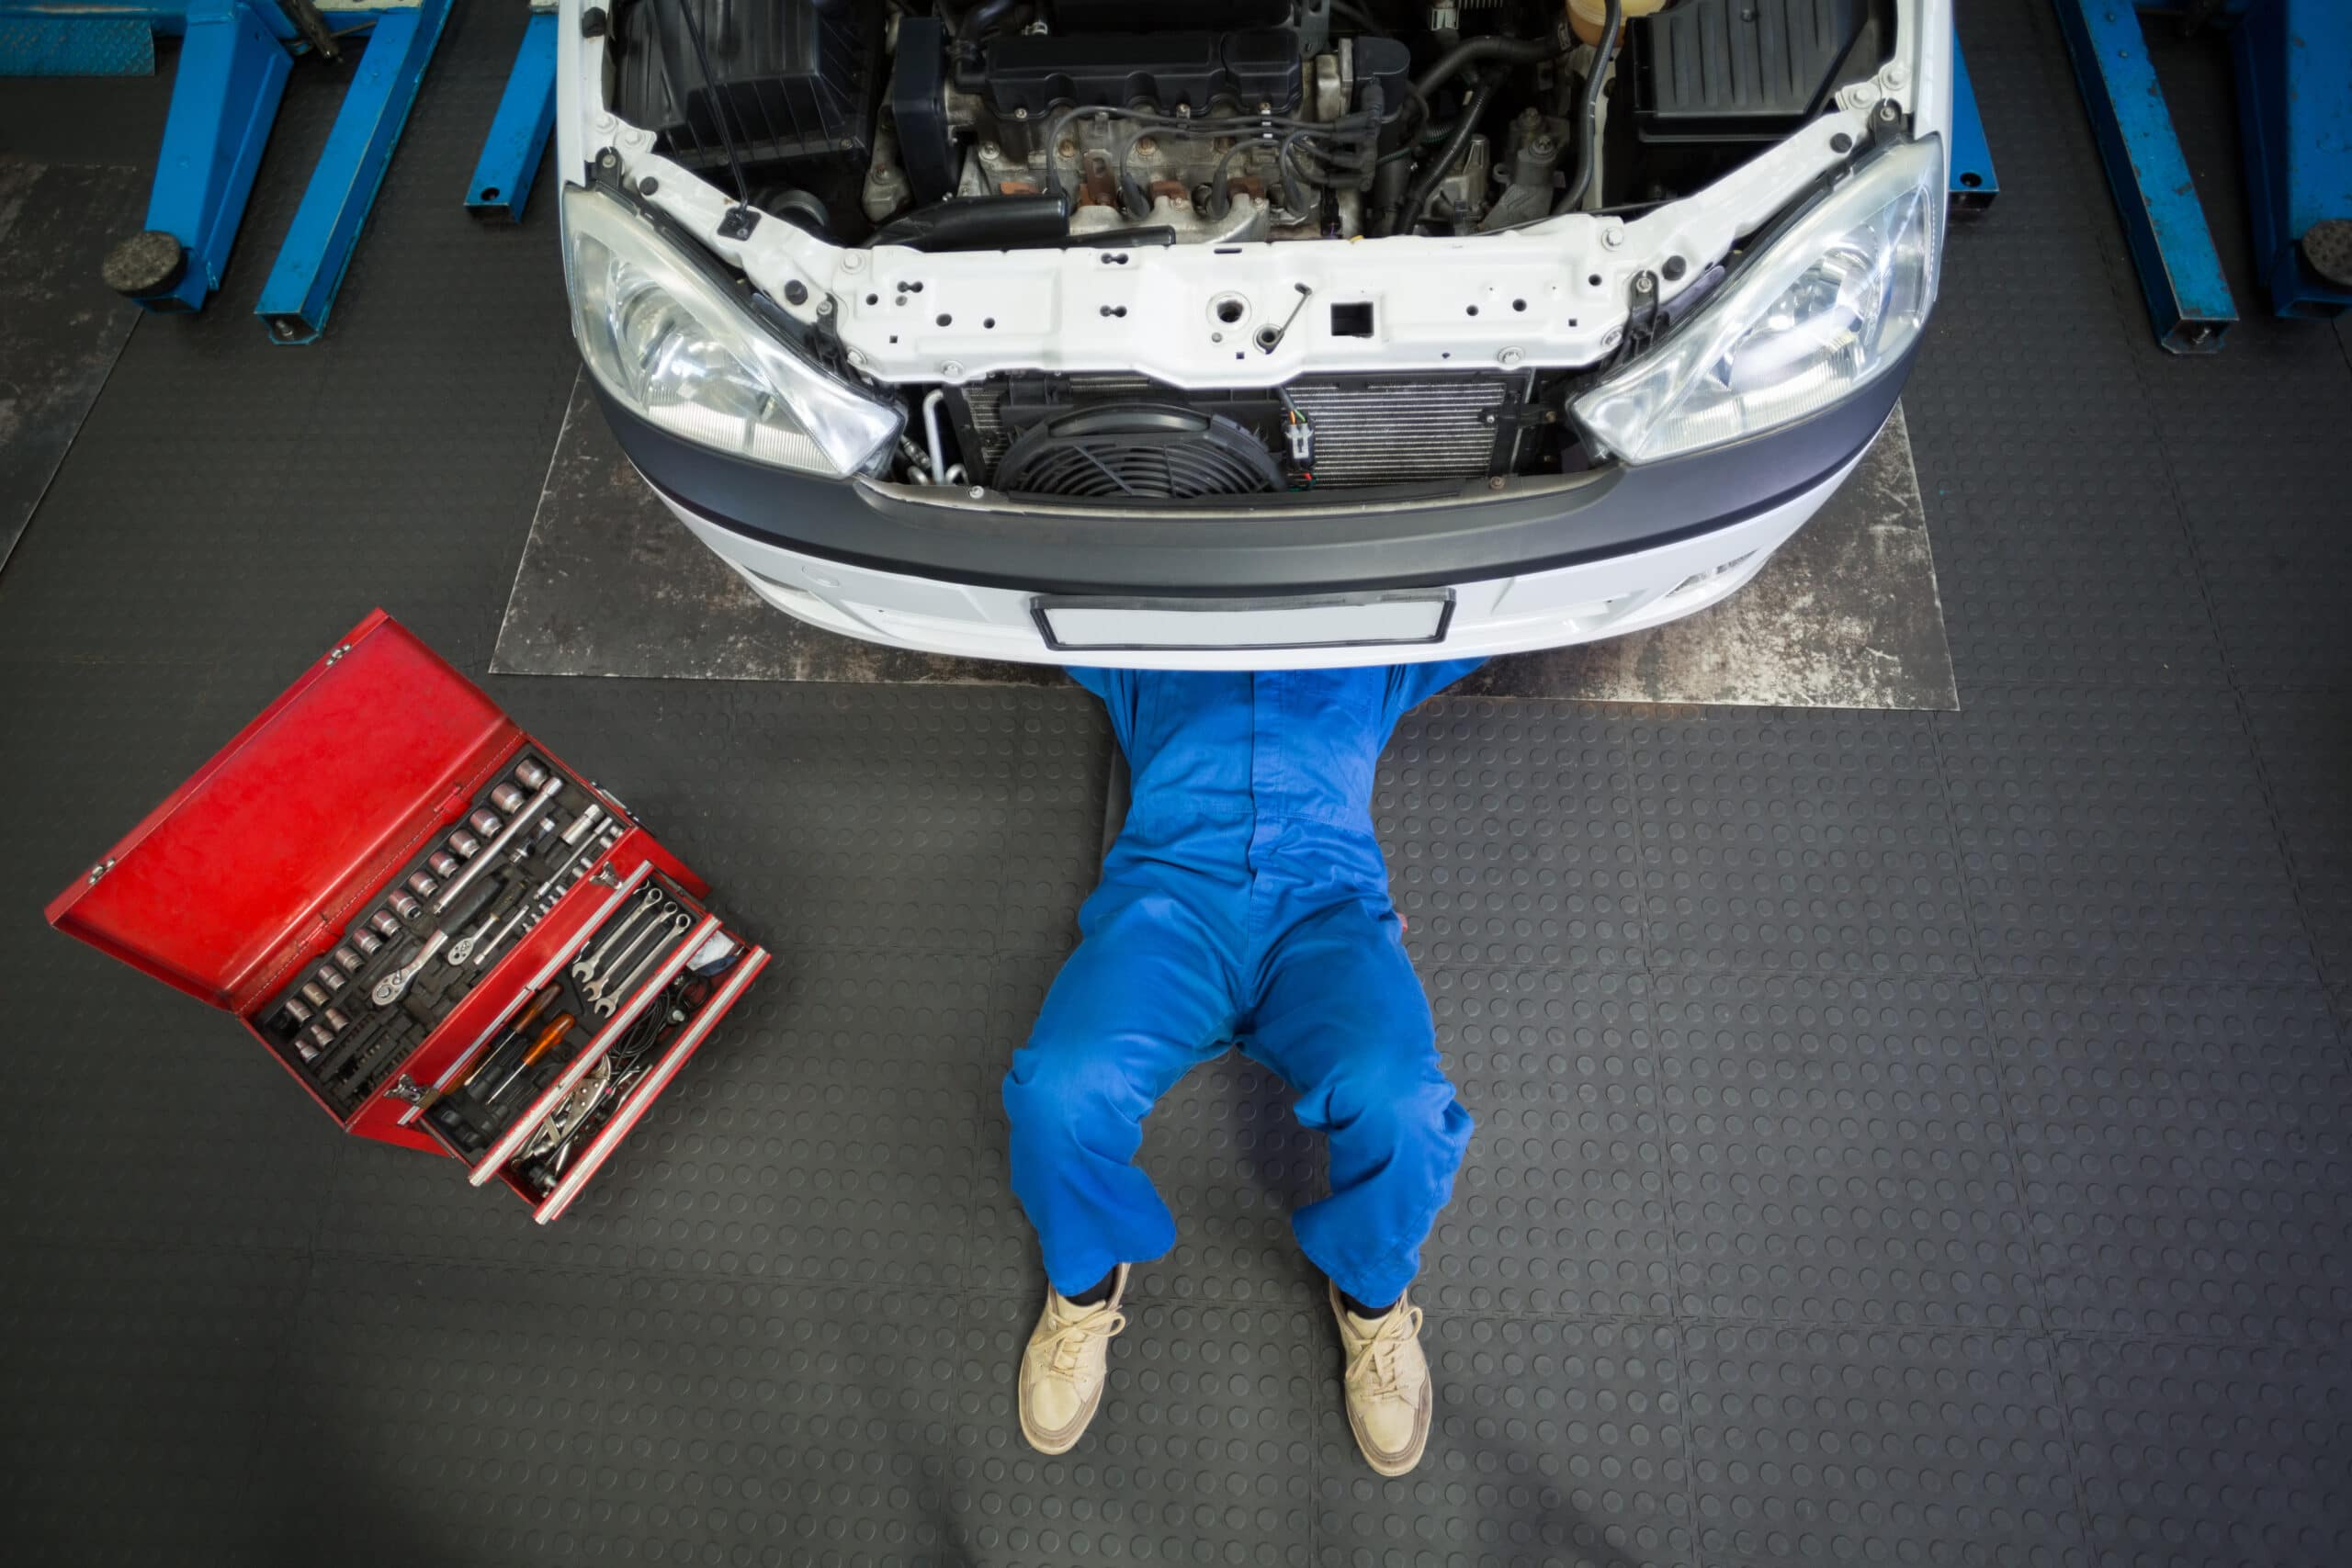 Auton huolto- ja korjaustyöt. Mekaanikko auton alla